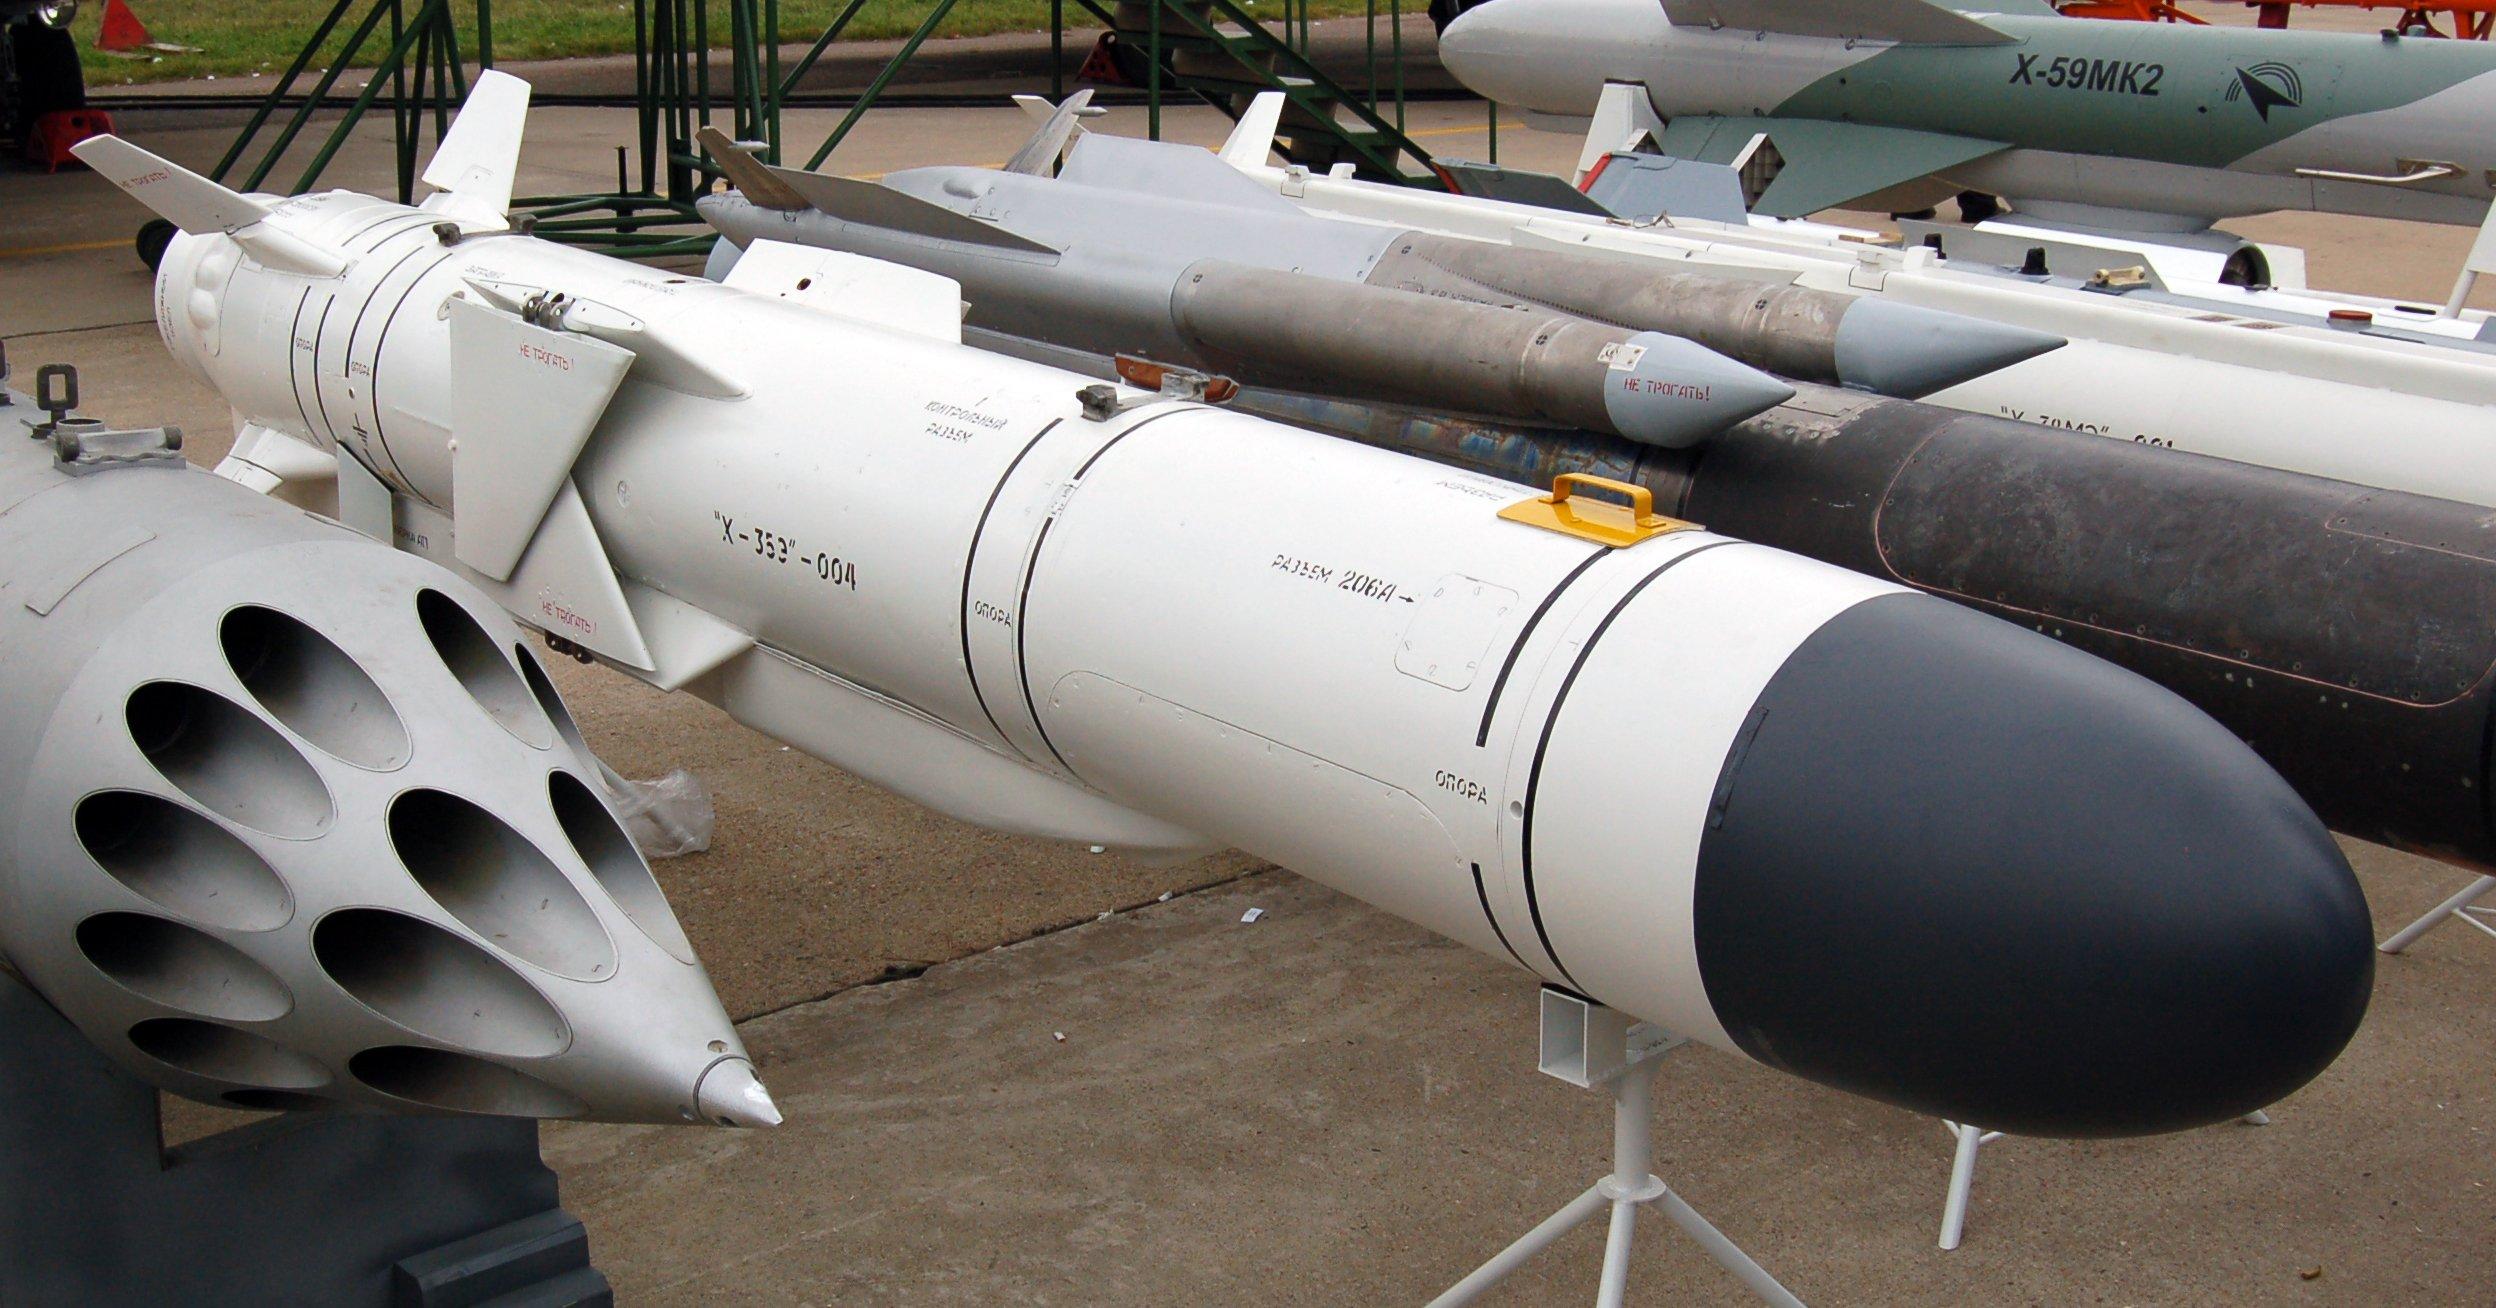 Стали известны подробности испытаний гиперзвуковой ракеты «Авангард»